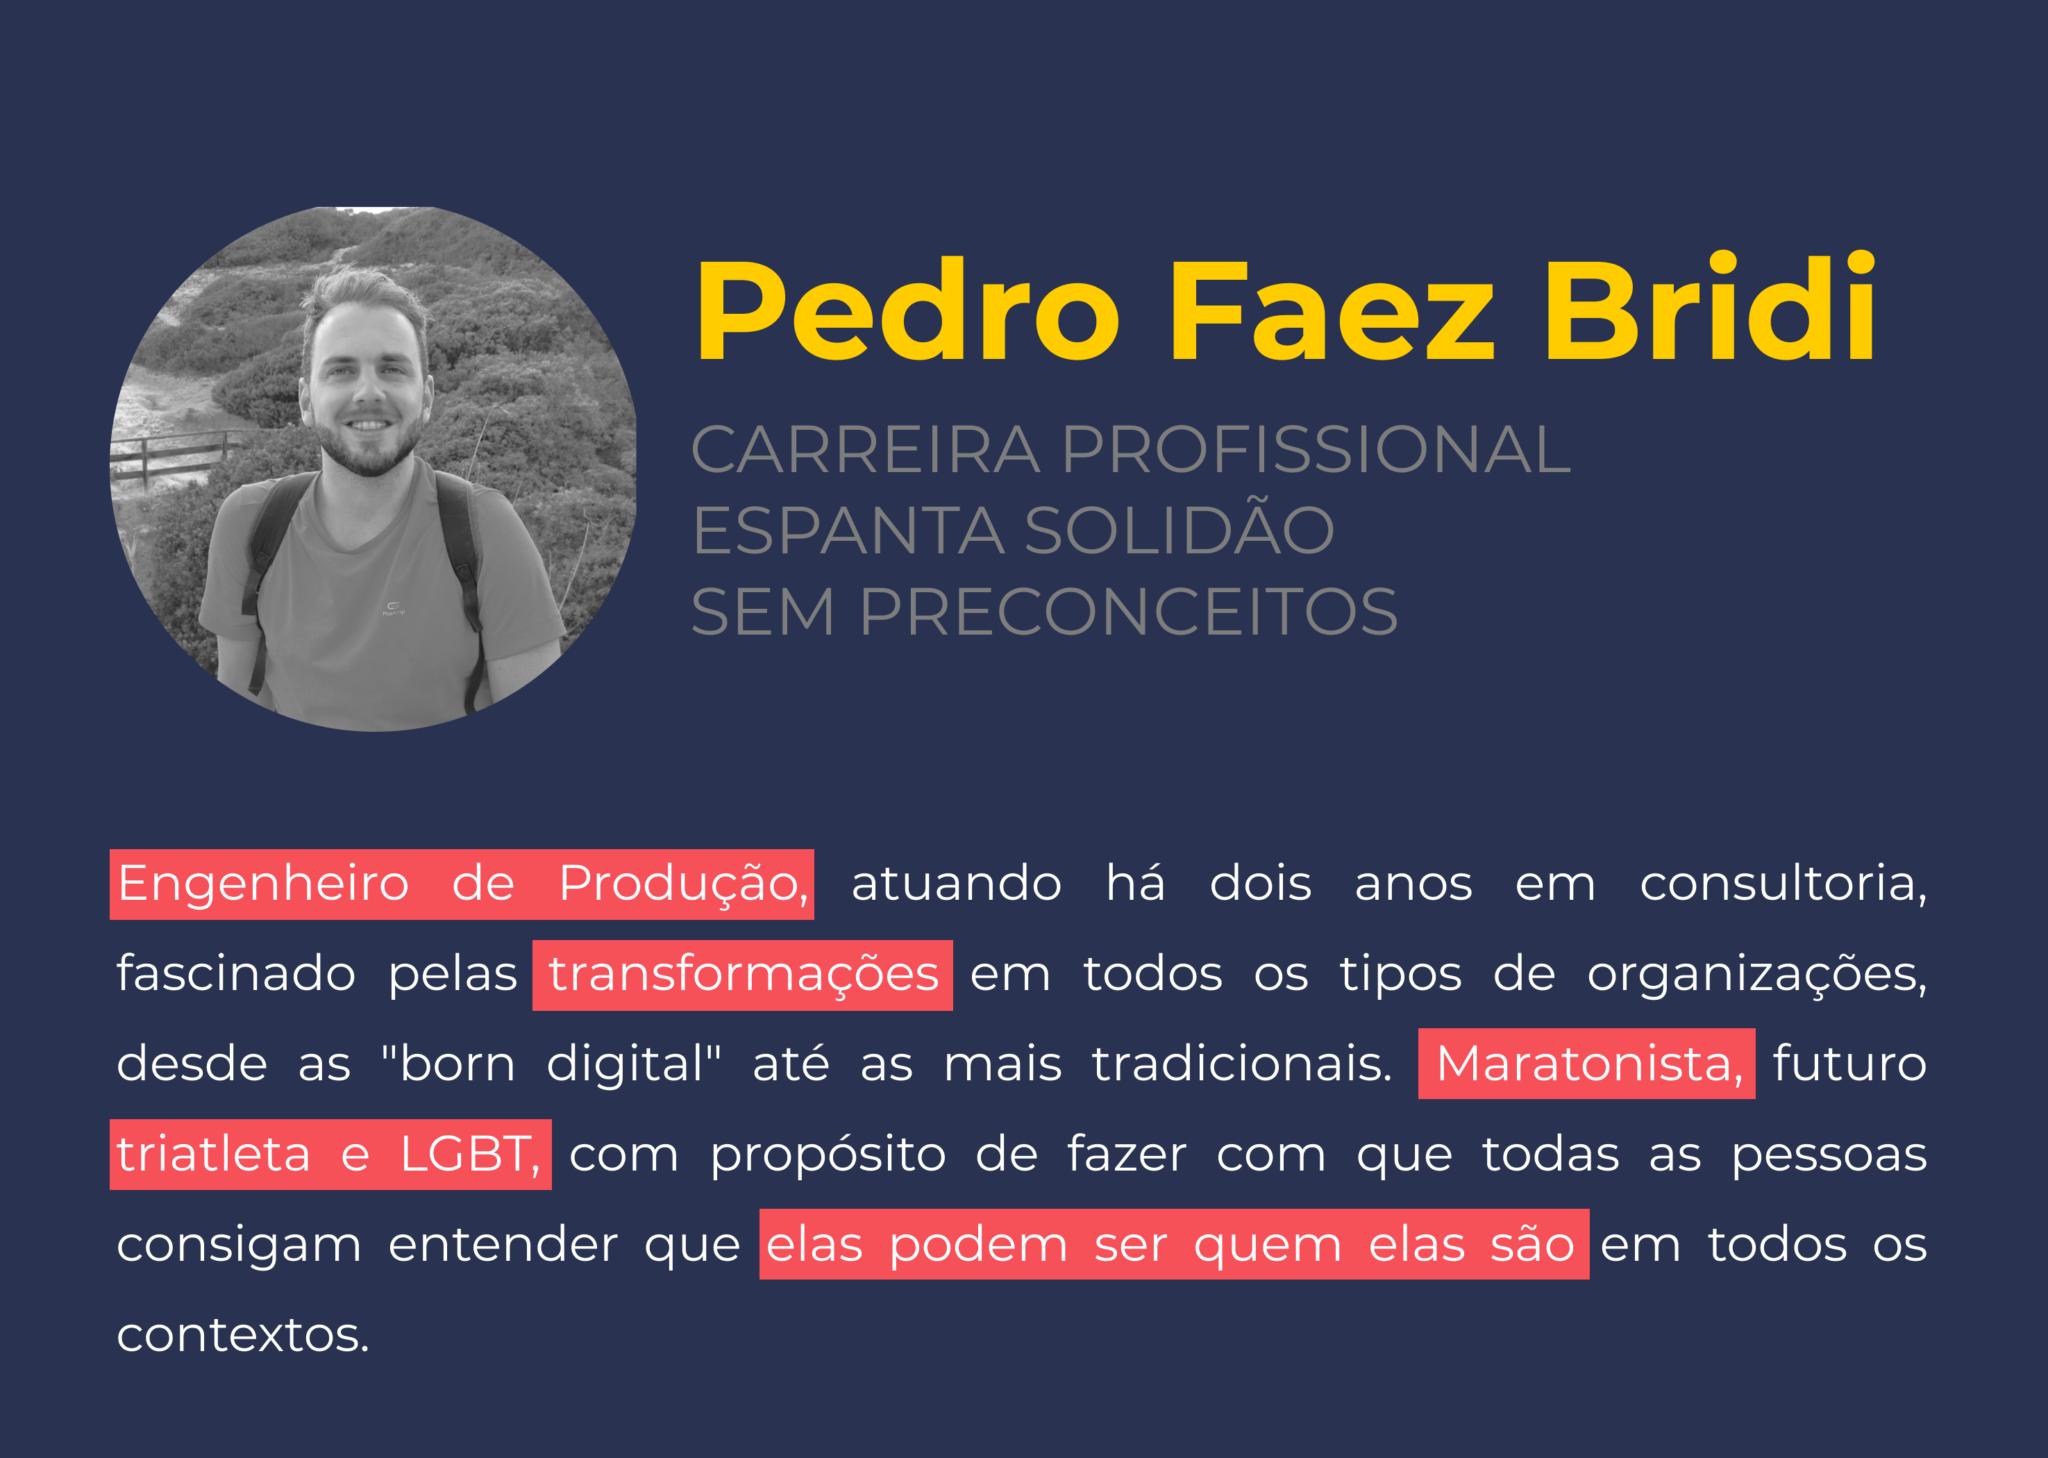 Pedro Faez Bridi